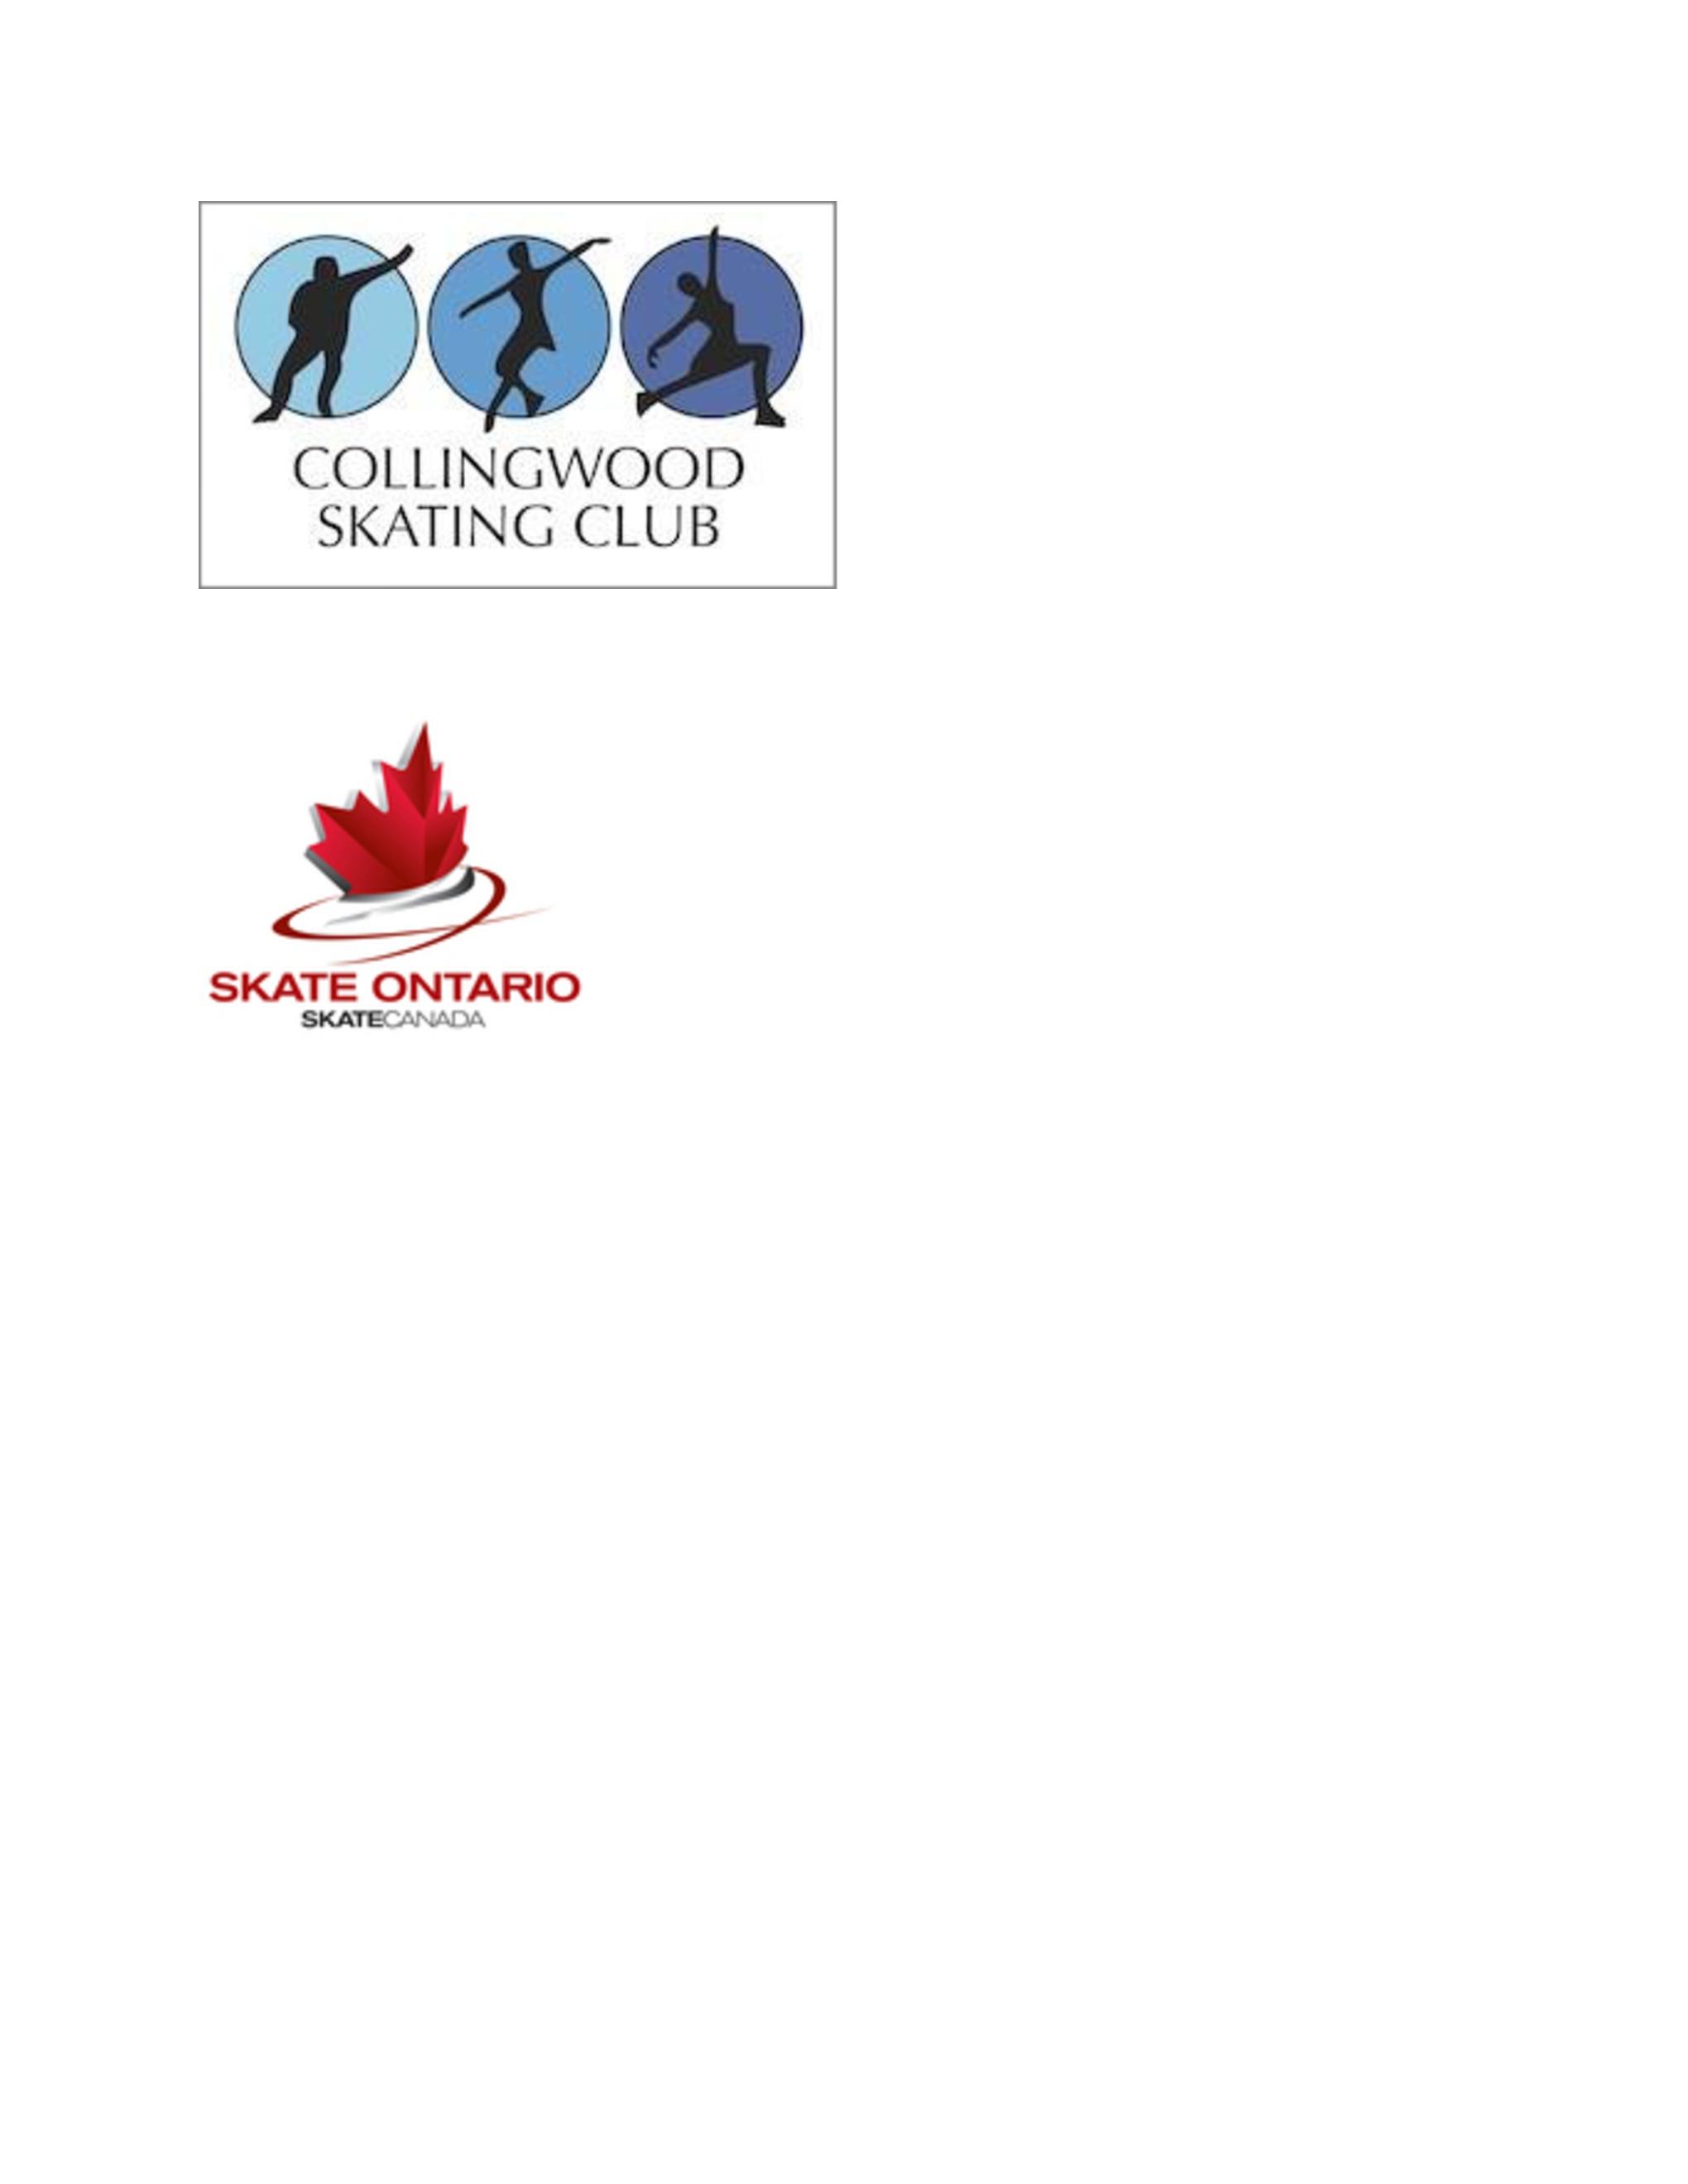 Collingwood Skating Club